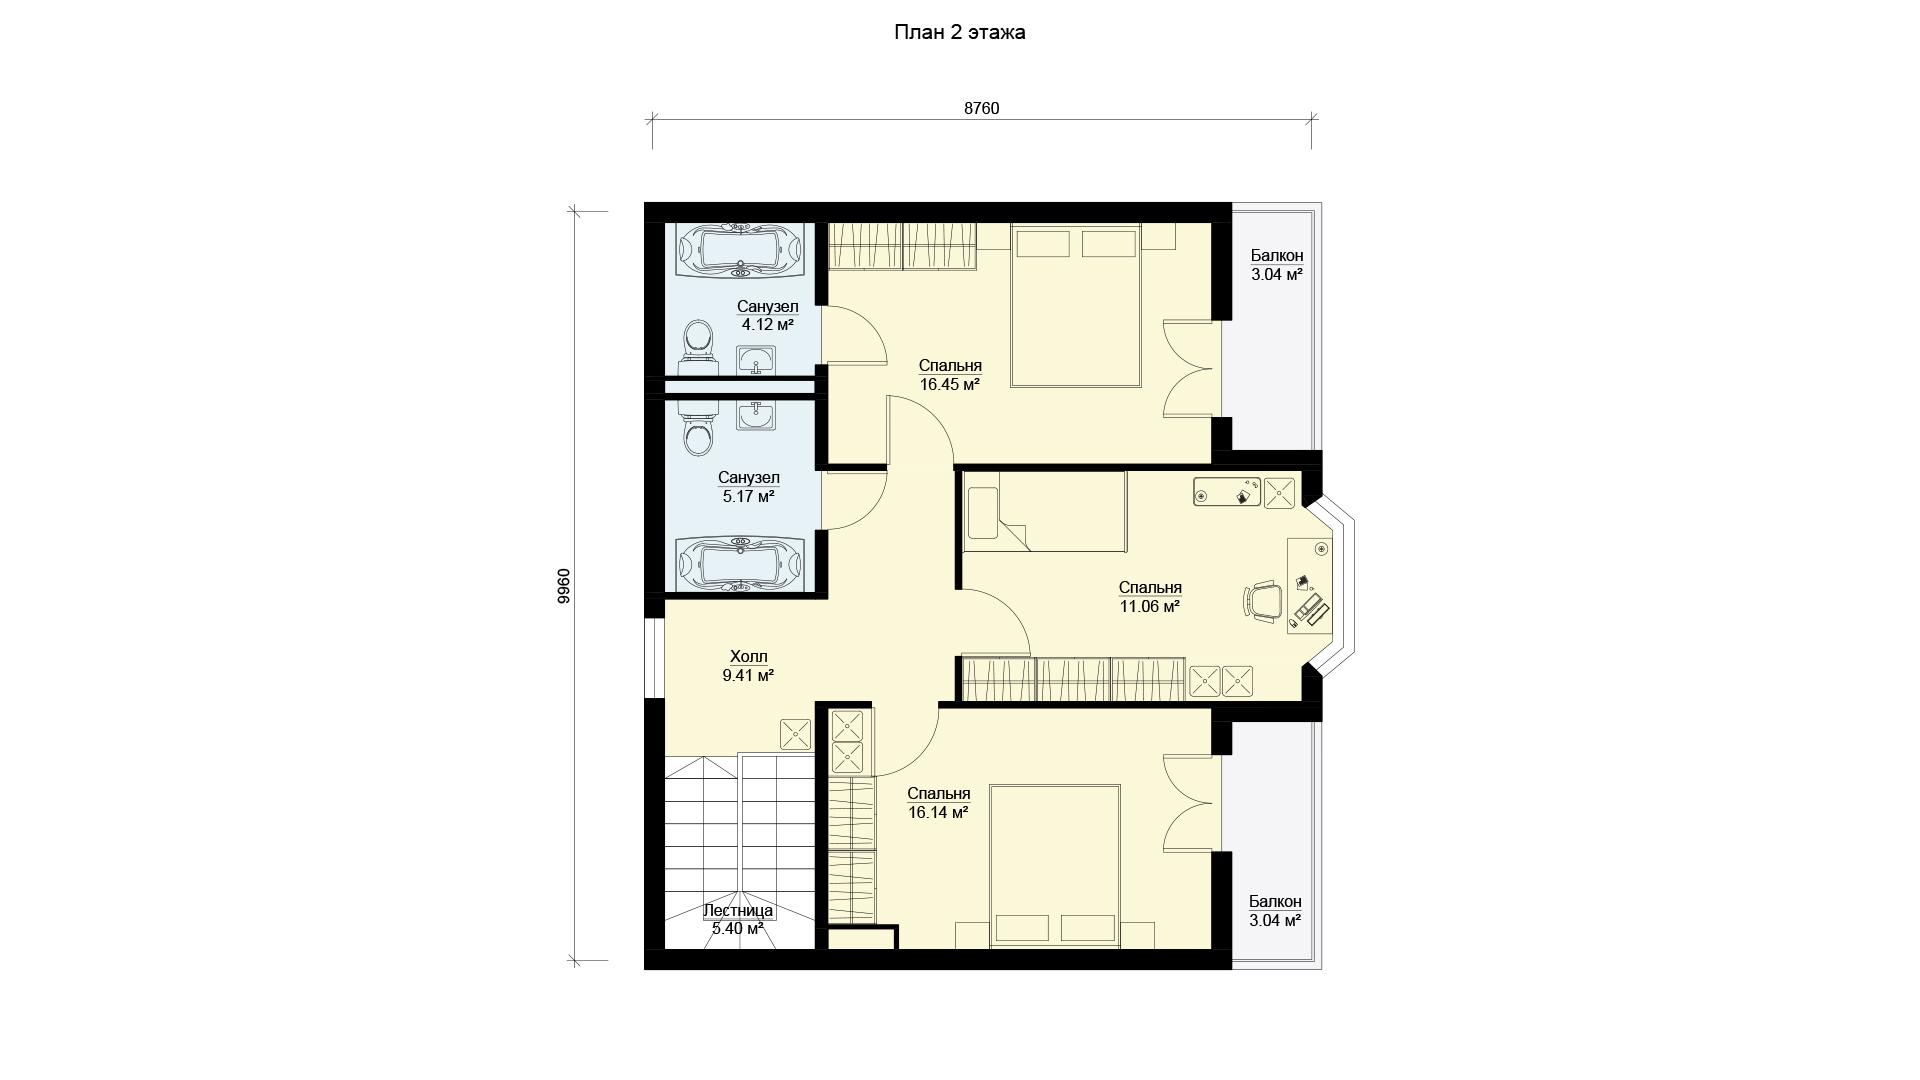 План второго этажа двухэтажного дома, проект БЭНПАН МС-164/1/К.